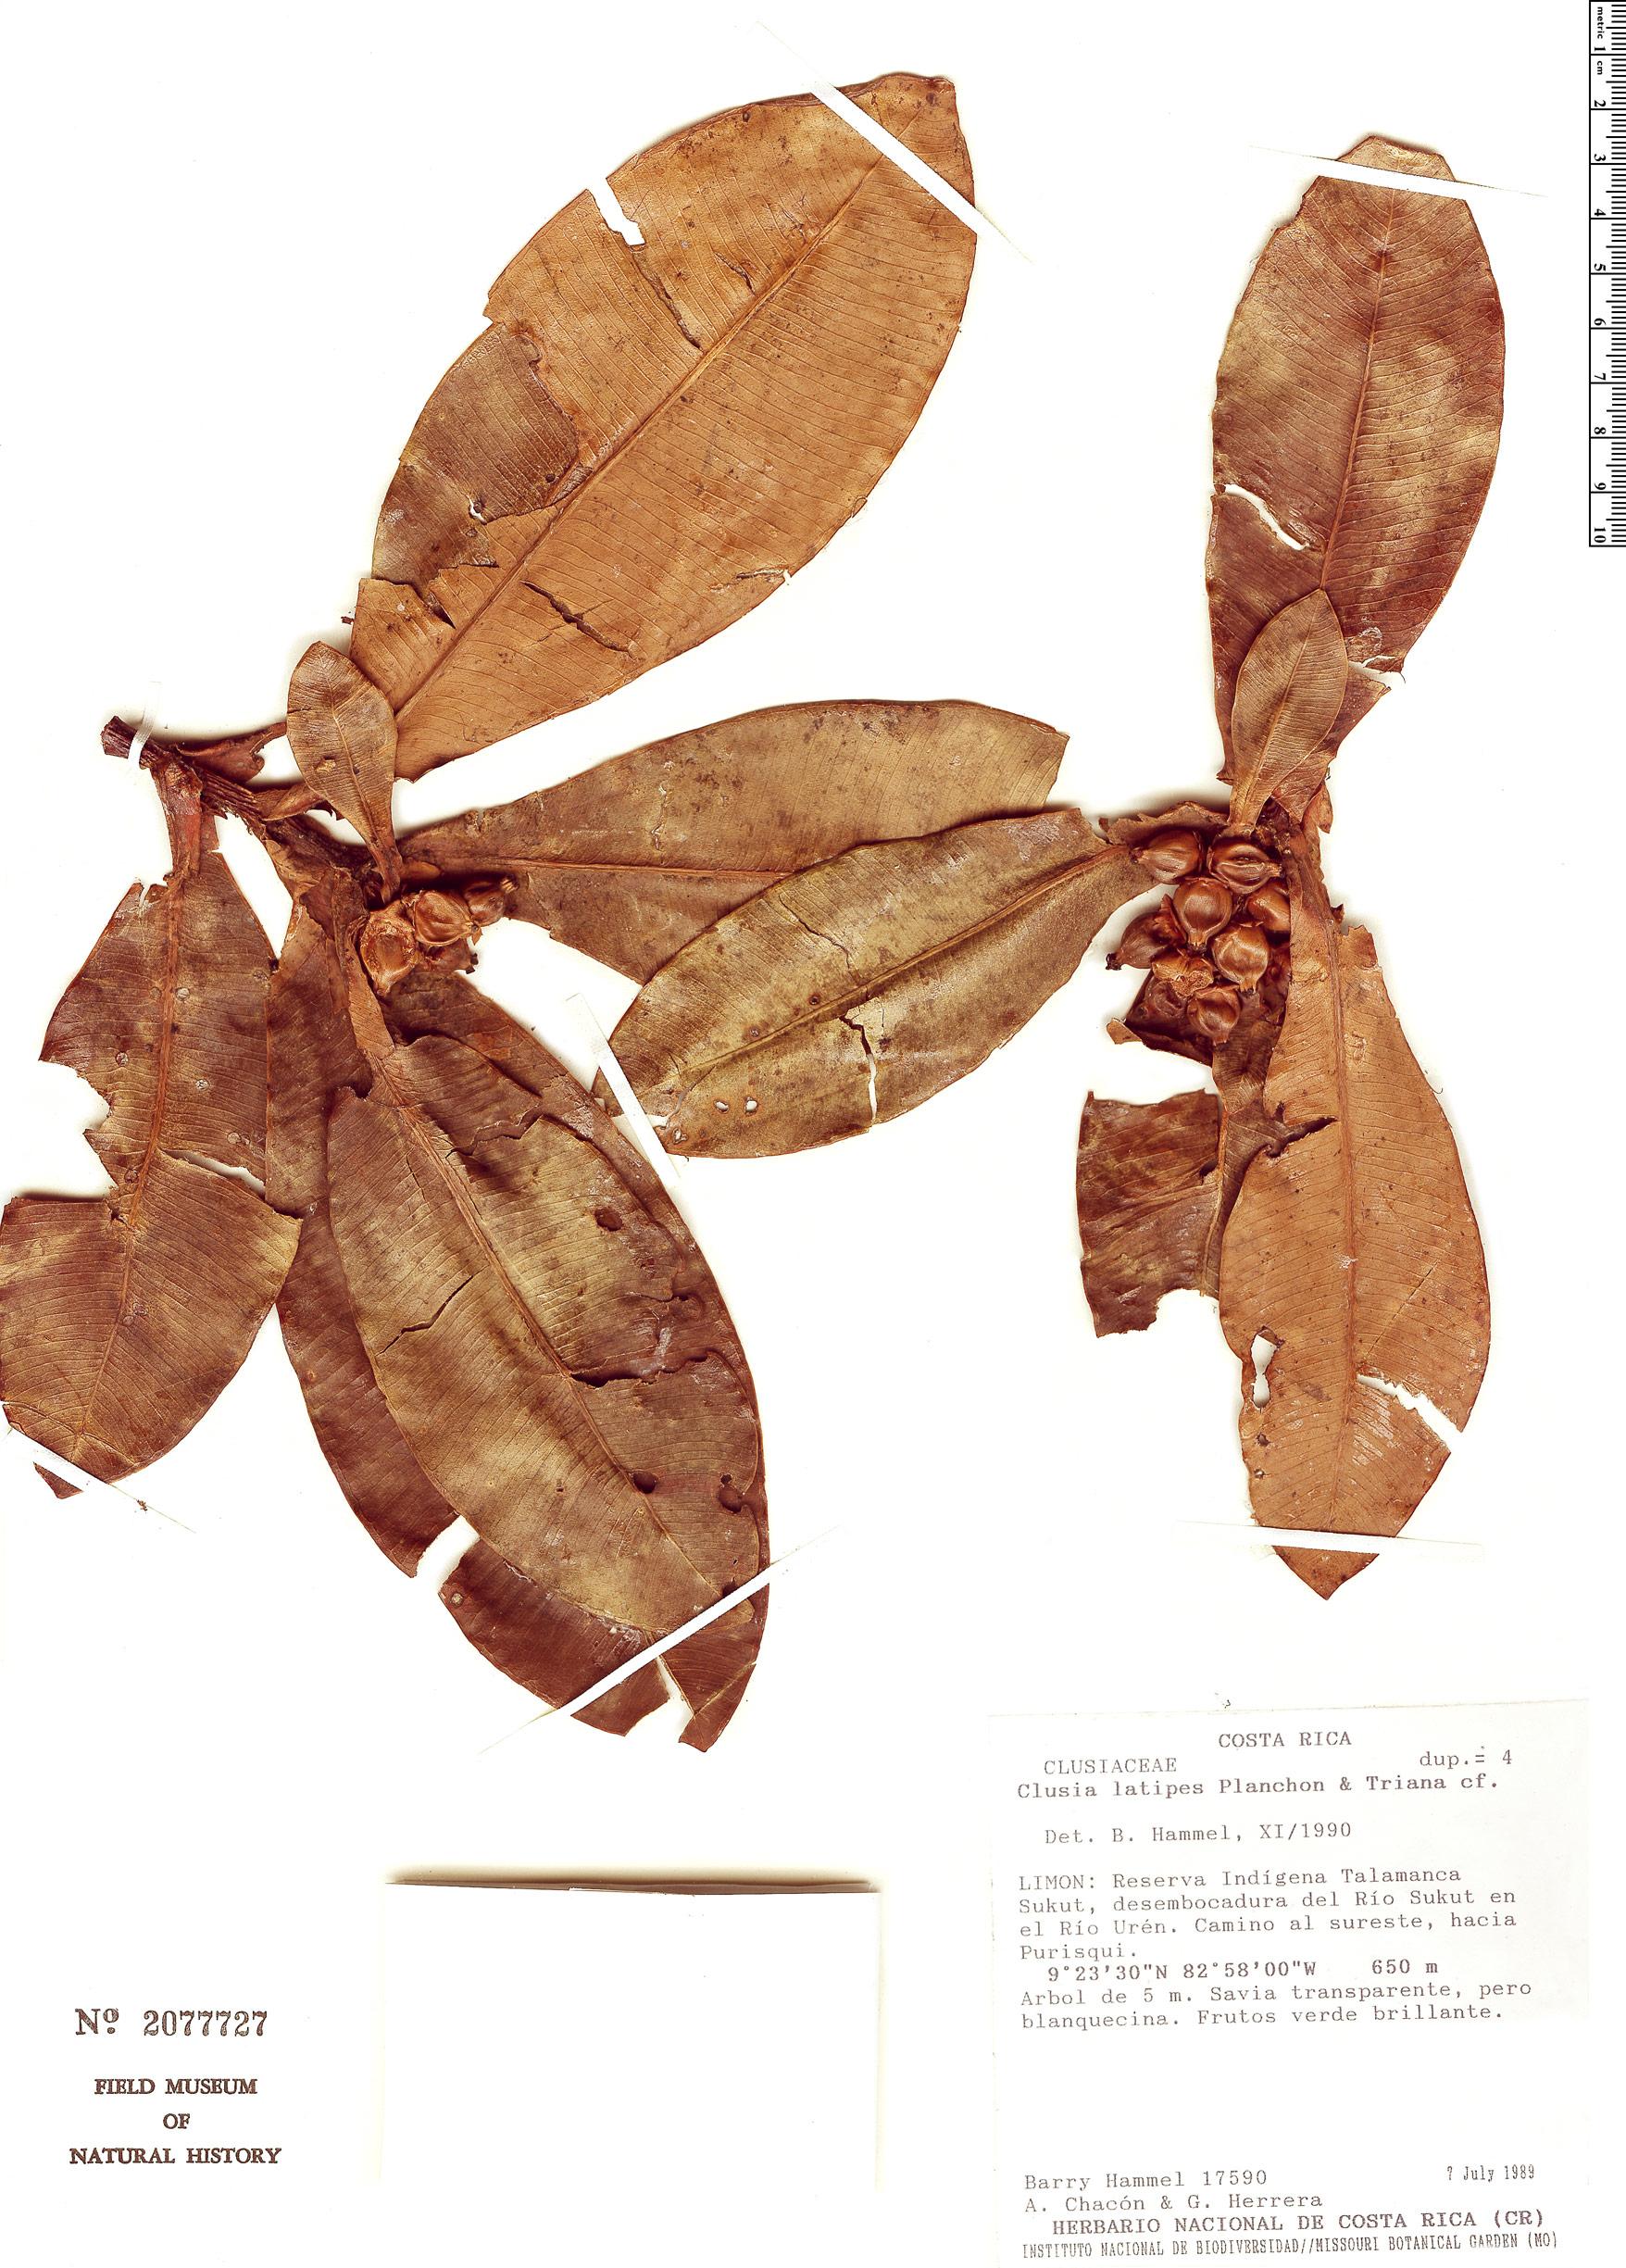 Specimen: Clusia latipes